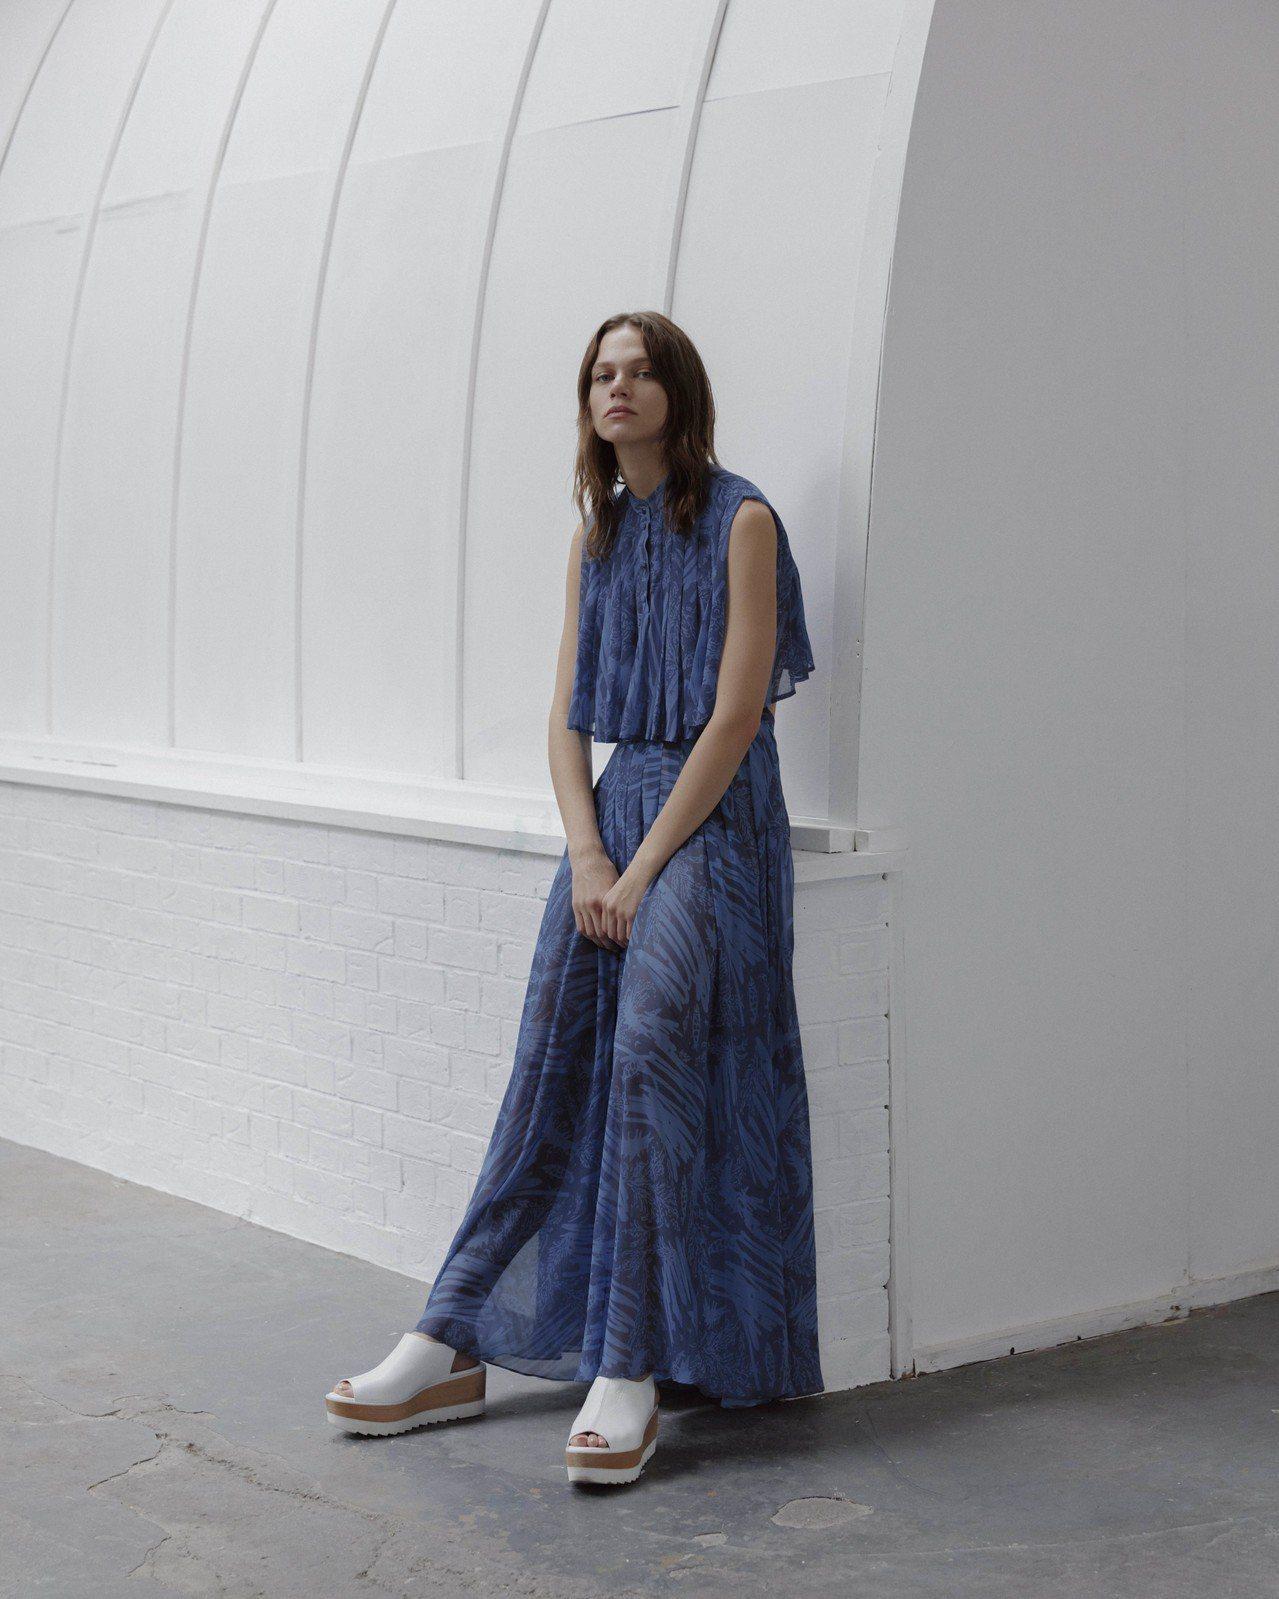 APUJAN 2019春夏時裝系列。圖/APUJAN提供